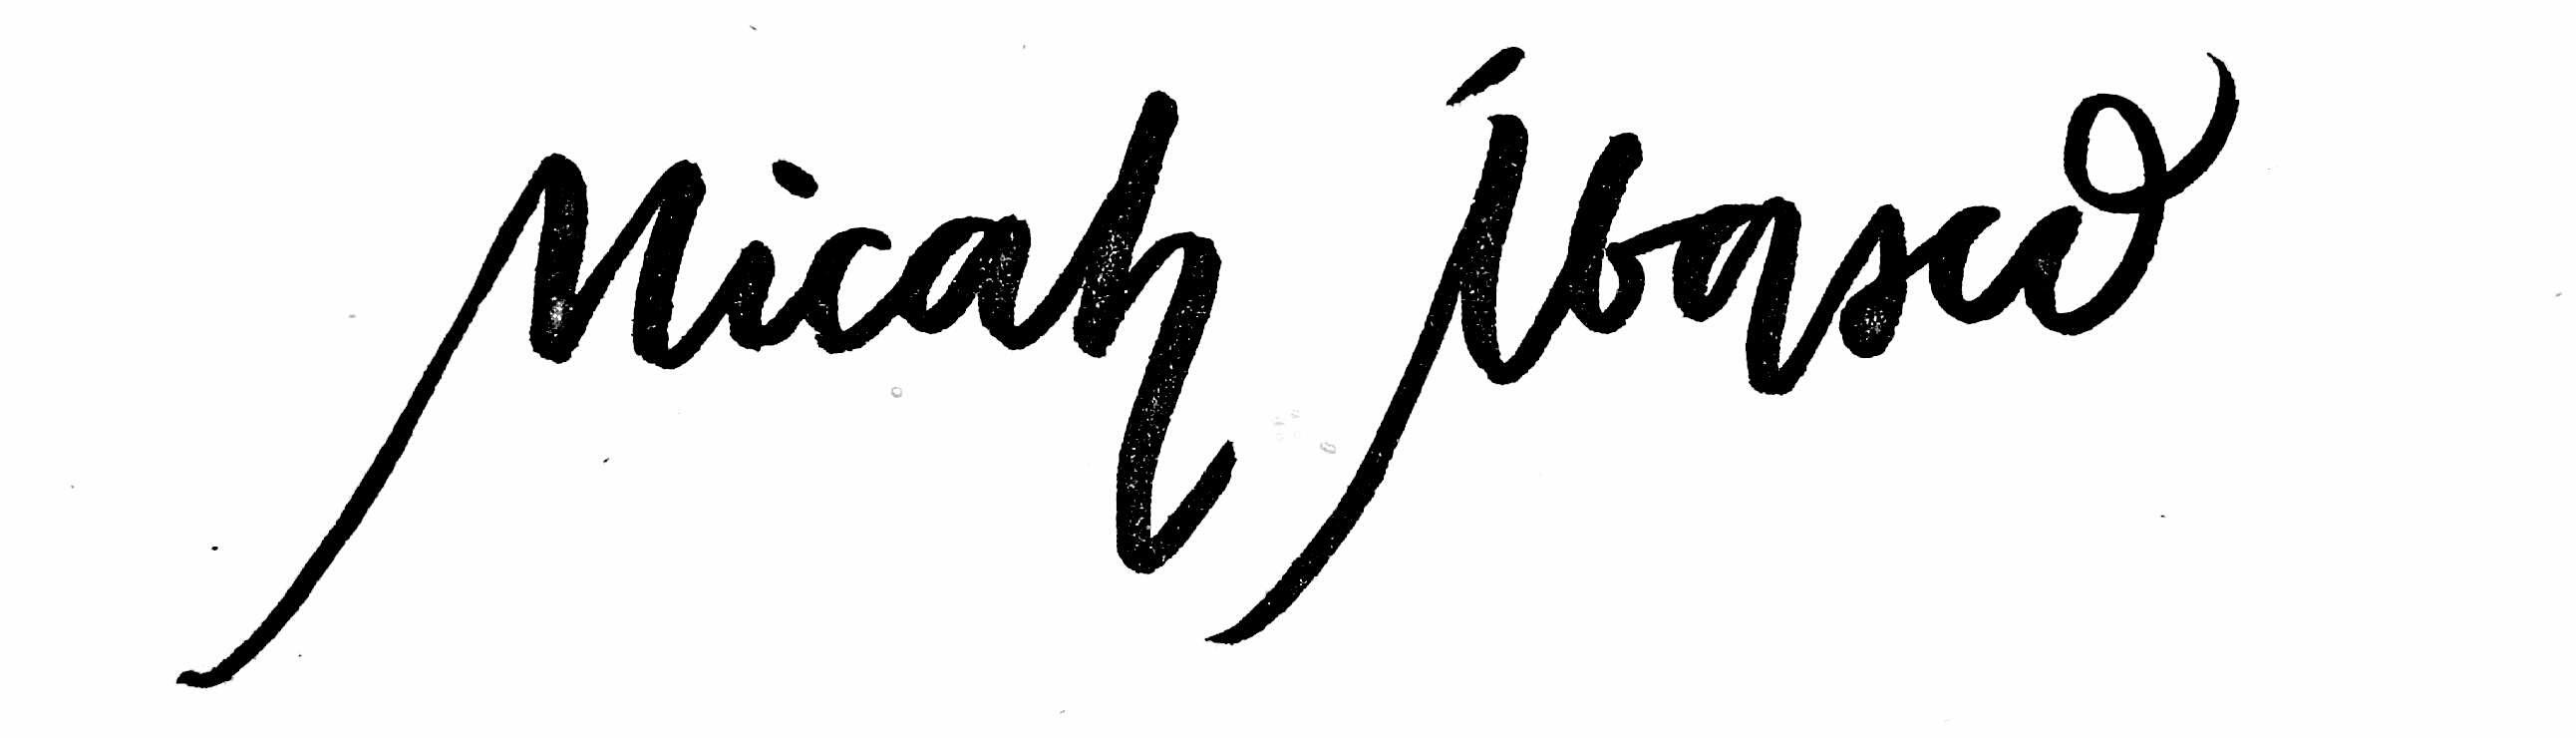 Micah Eunice Ibasco's Signature